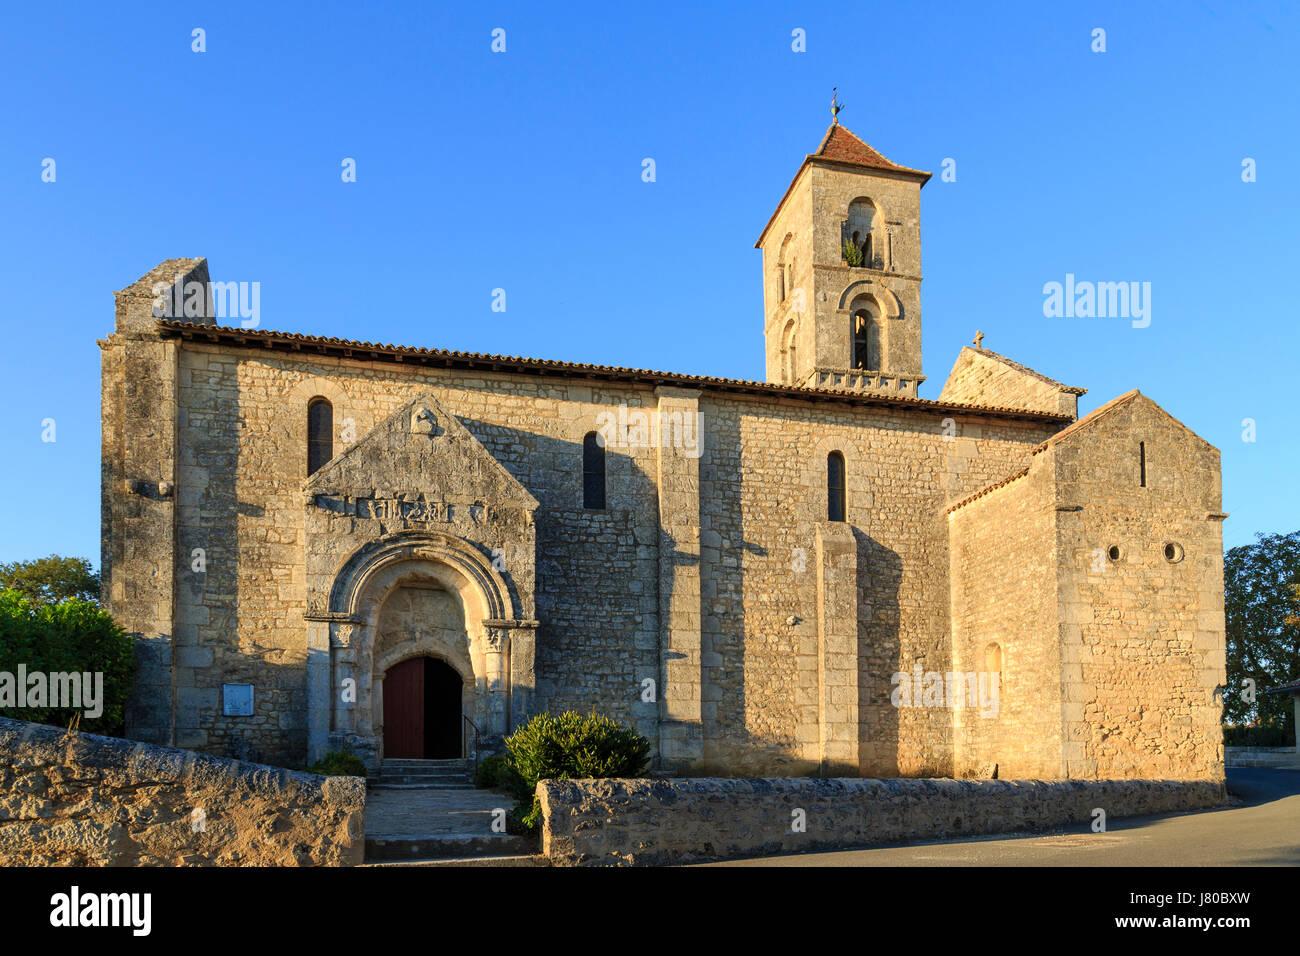 Francia, Gironde, montagne, frazione de saint georges de montagne, chiesa Immagini Stock